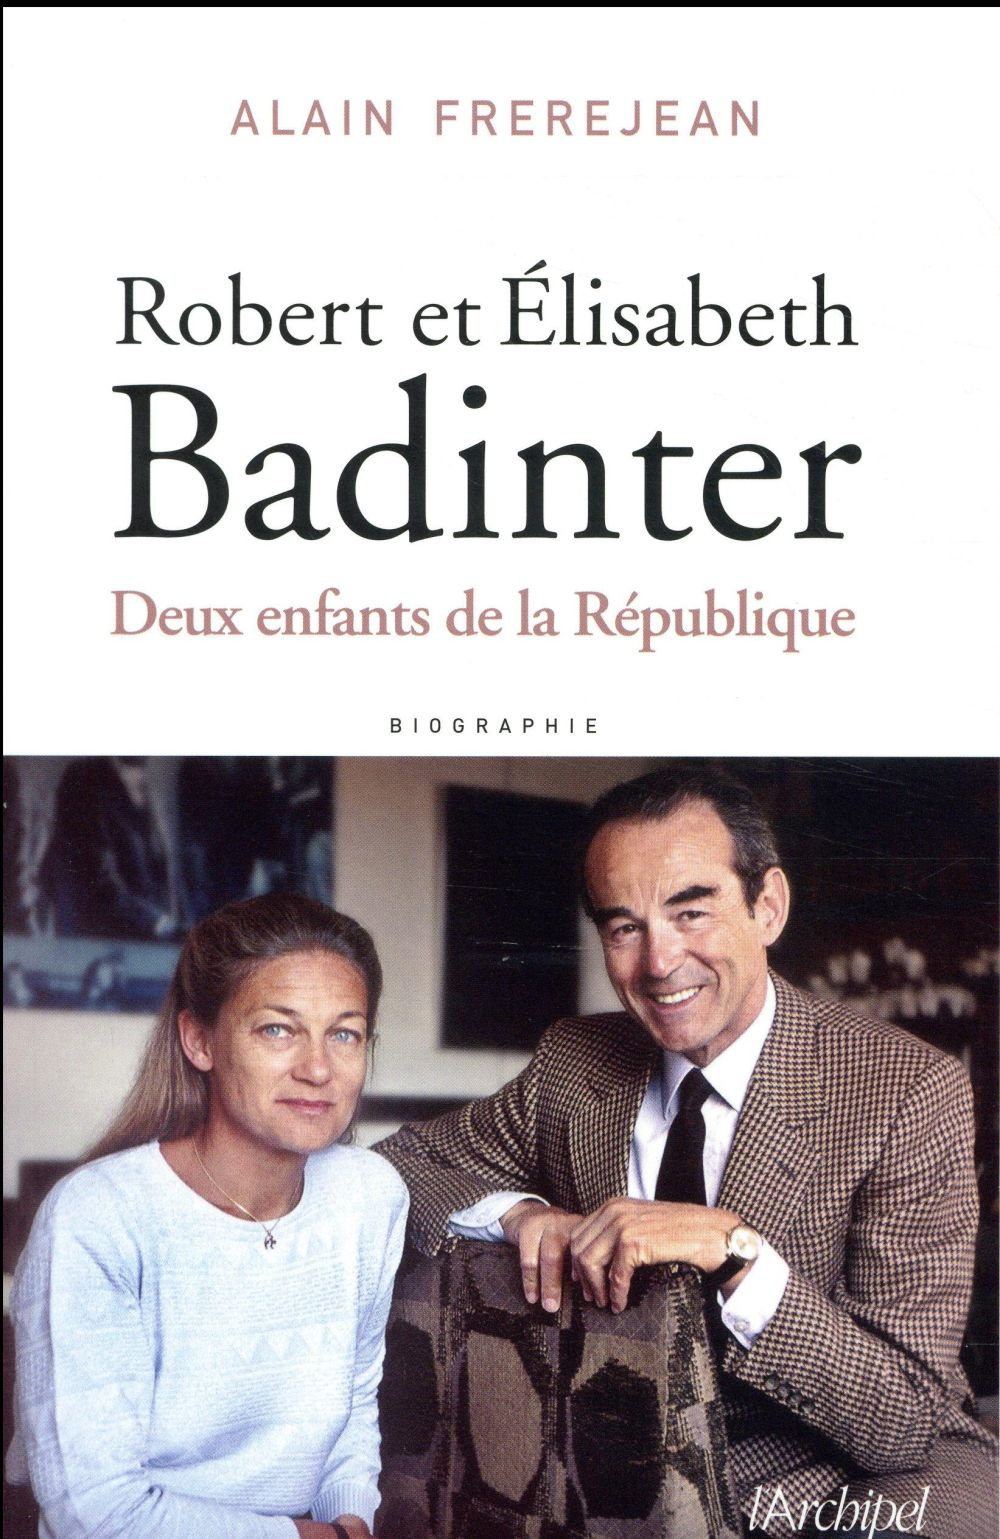 ROBERT ET ELISABETH BADINTER FREREJEAN ALAIN ARCHIPEL